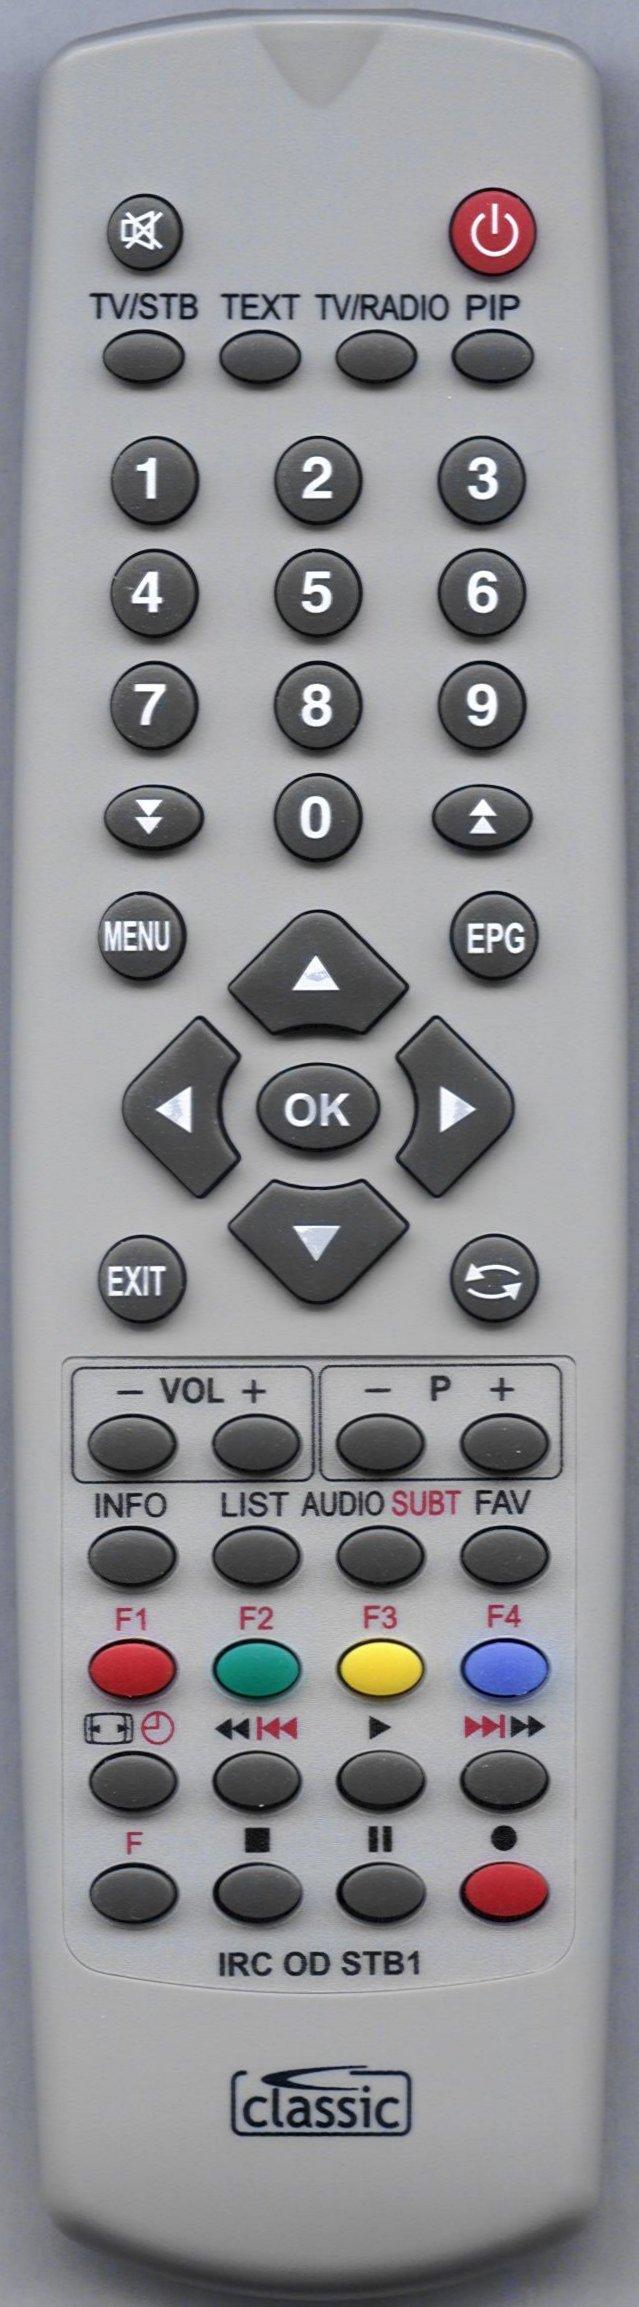 Topfield TF S3000RHD Remote Control